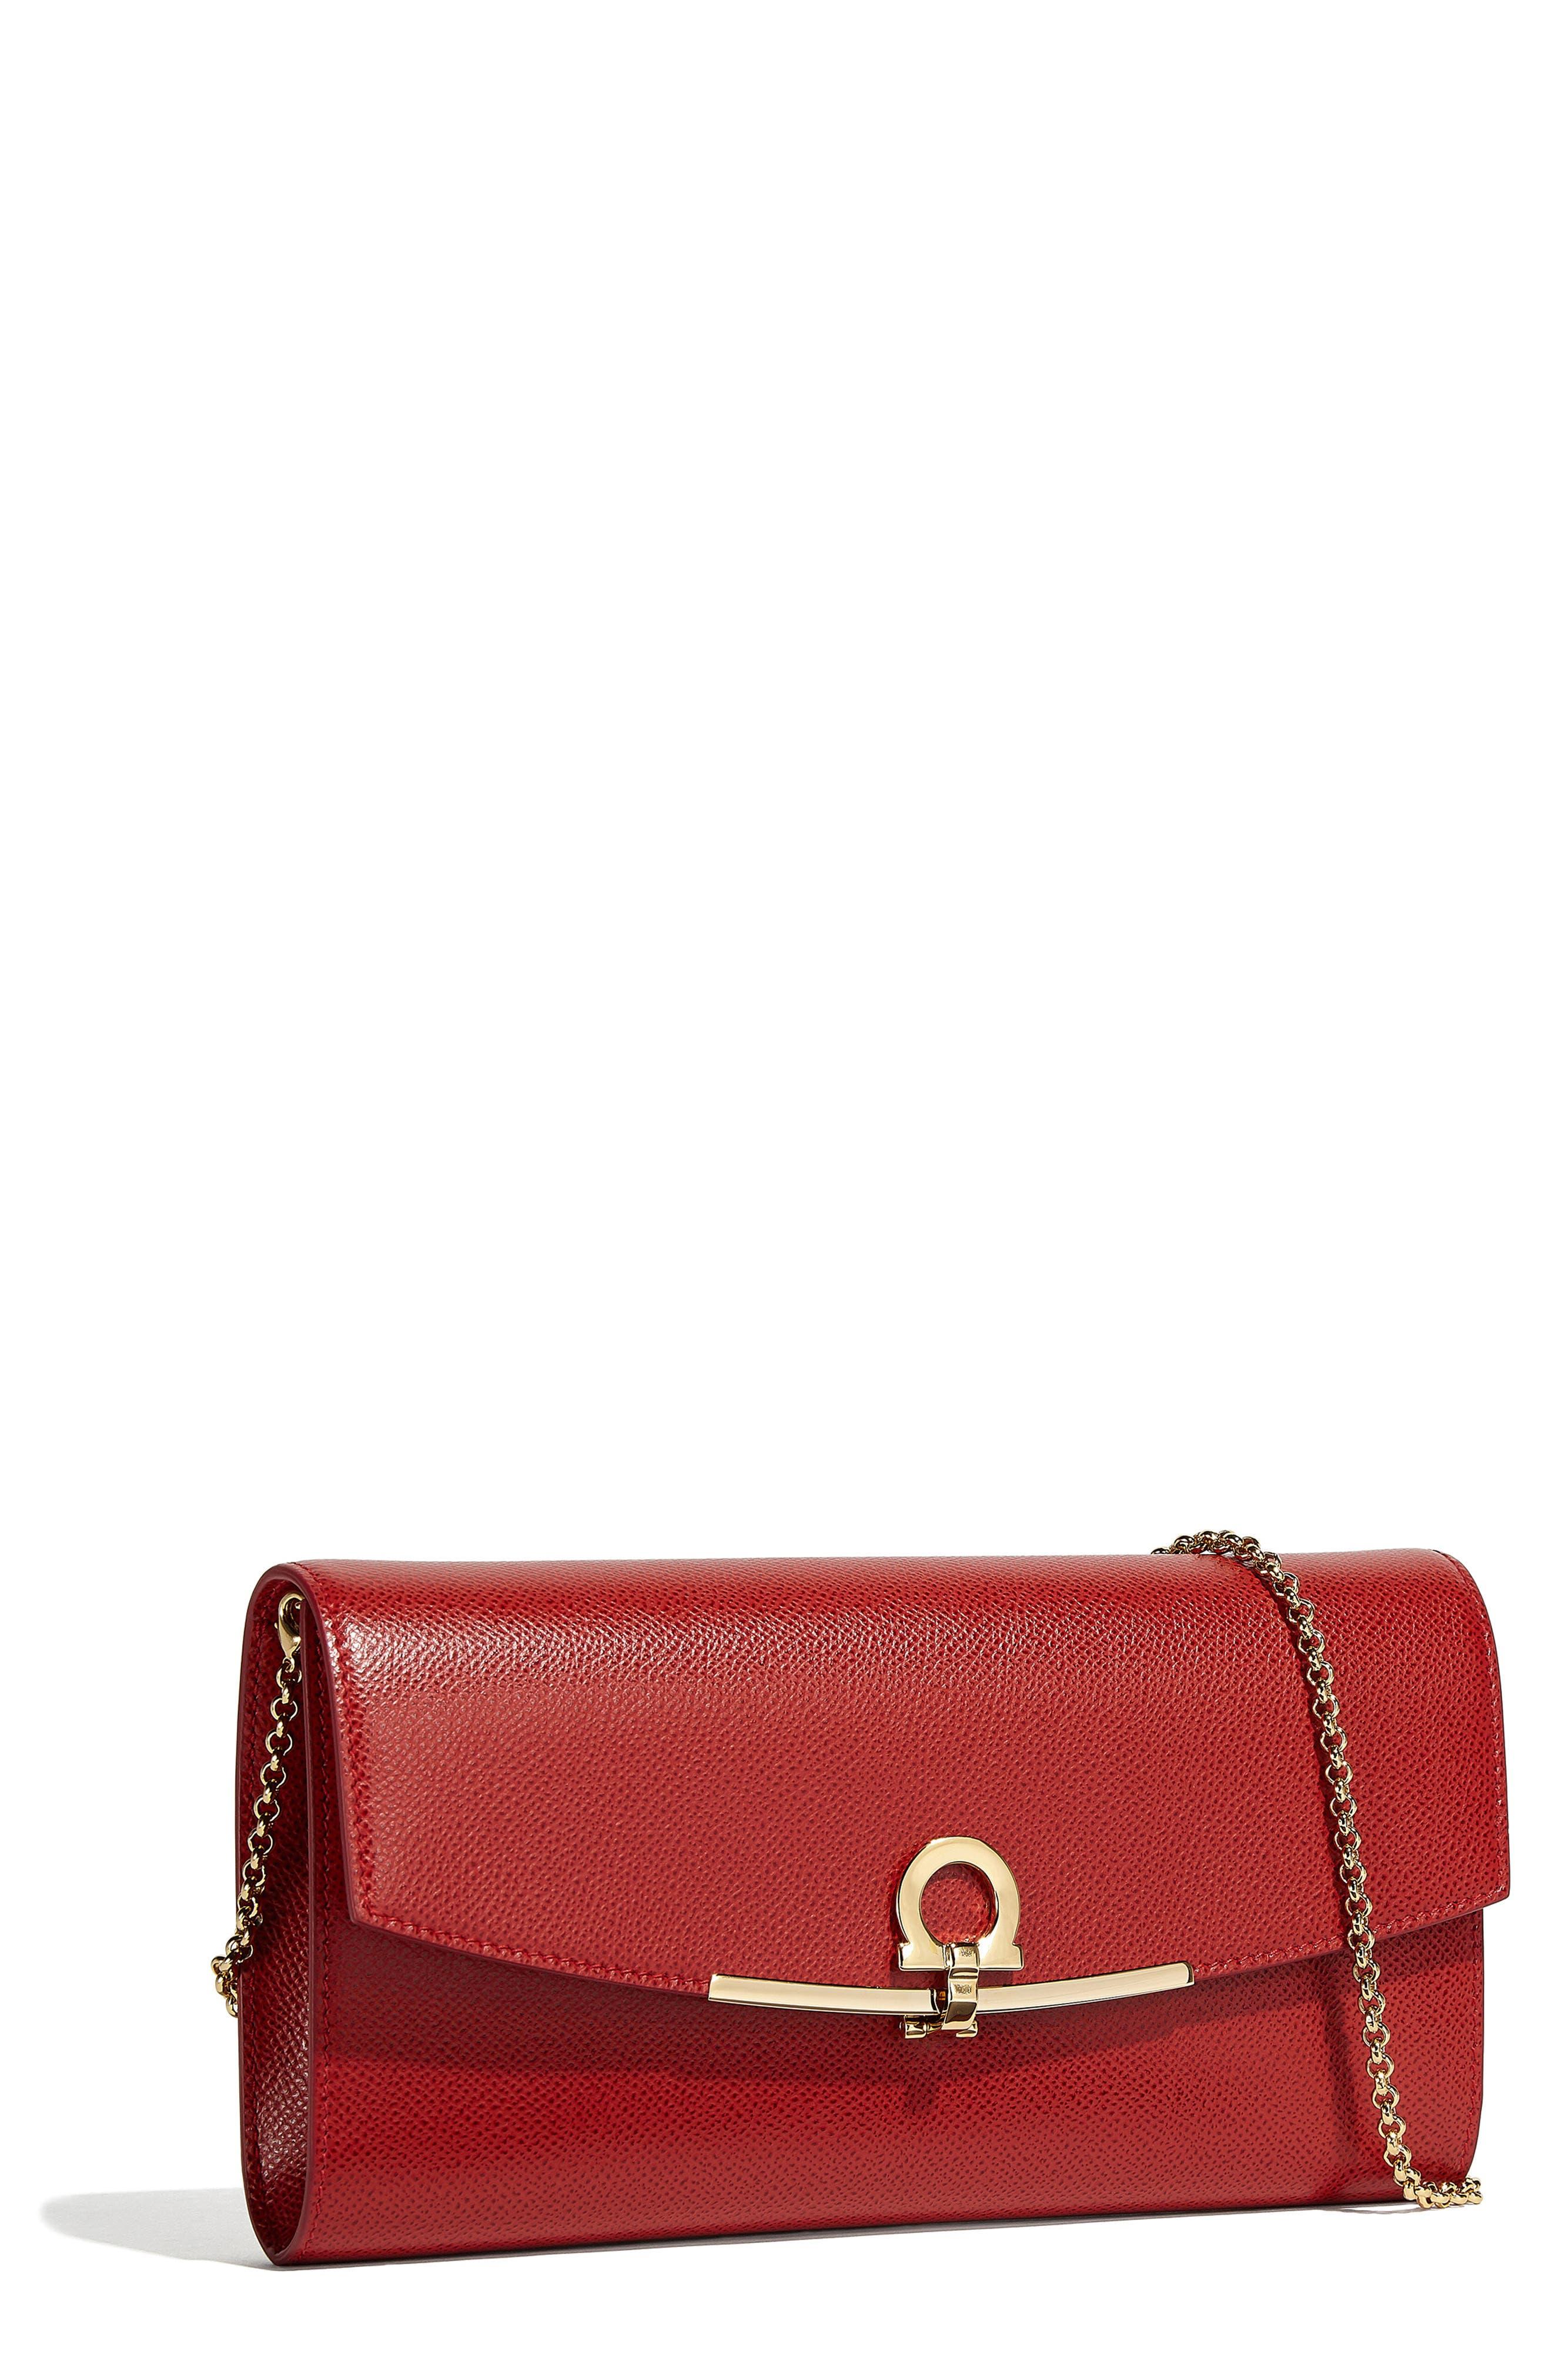 Salvatore Ferragamo Gancio Calfskin Leather Clutch - Red c78433ed607c4